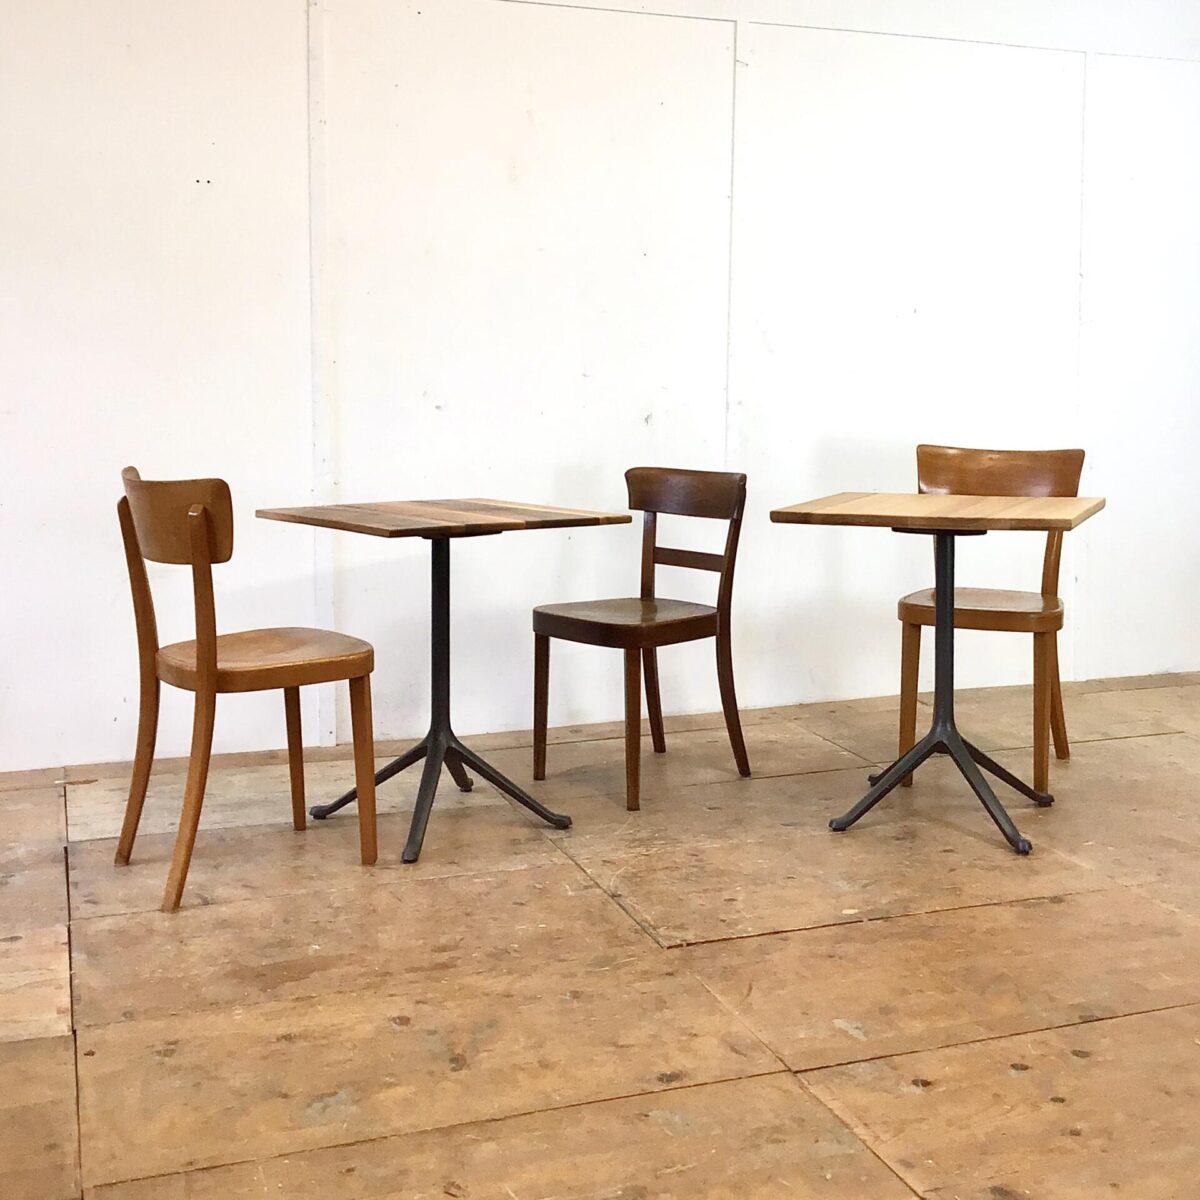 Deuxieme.shop Bistrotische mit Gussfuss von horgenglarus. Preis pro Tisch. Der Nussbaumtisch ist 62.5x62.5cm. Die Eschenholz Variante ist 64x64cm. Der Mittelfuss, savoy, wurde von Studio Hannes Wettstein für horgenglarus Designt. Wir haben weitere solche Füsse im Angebot, und stellen Ihnen gerne ihr Wunschtisch in der entsprechenden Grösse zusammen.